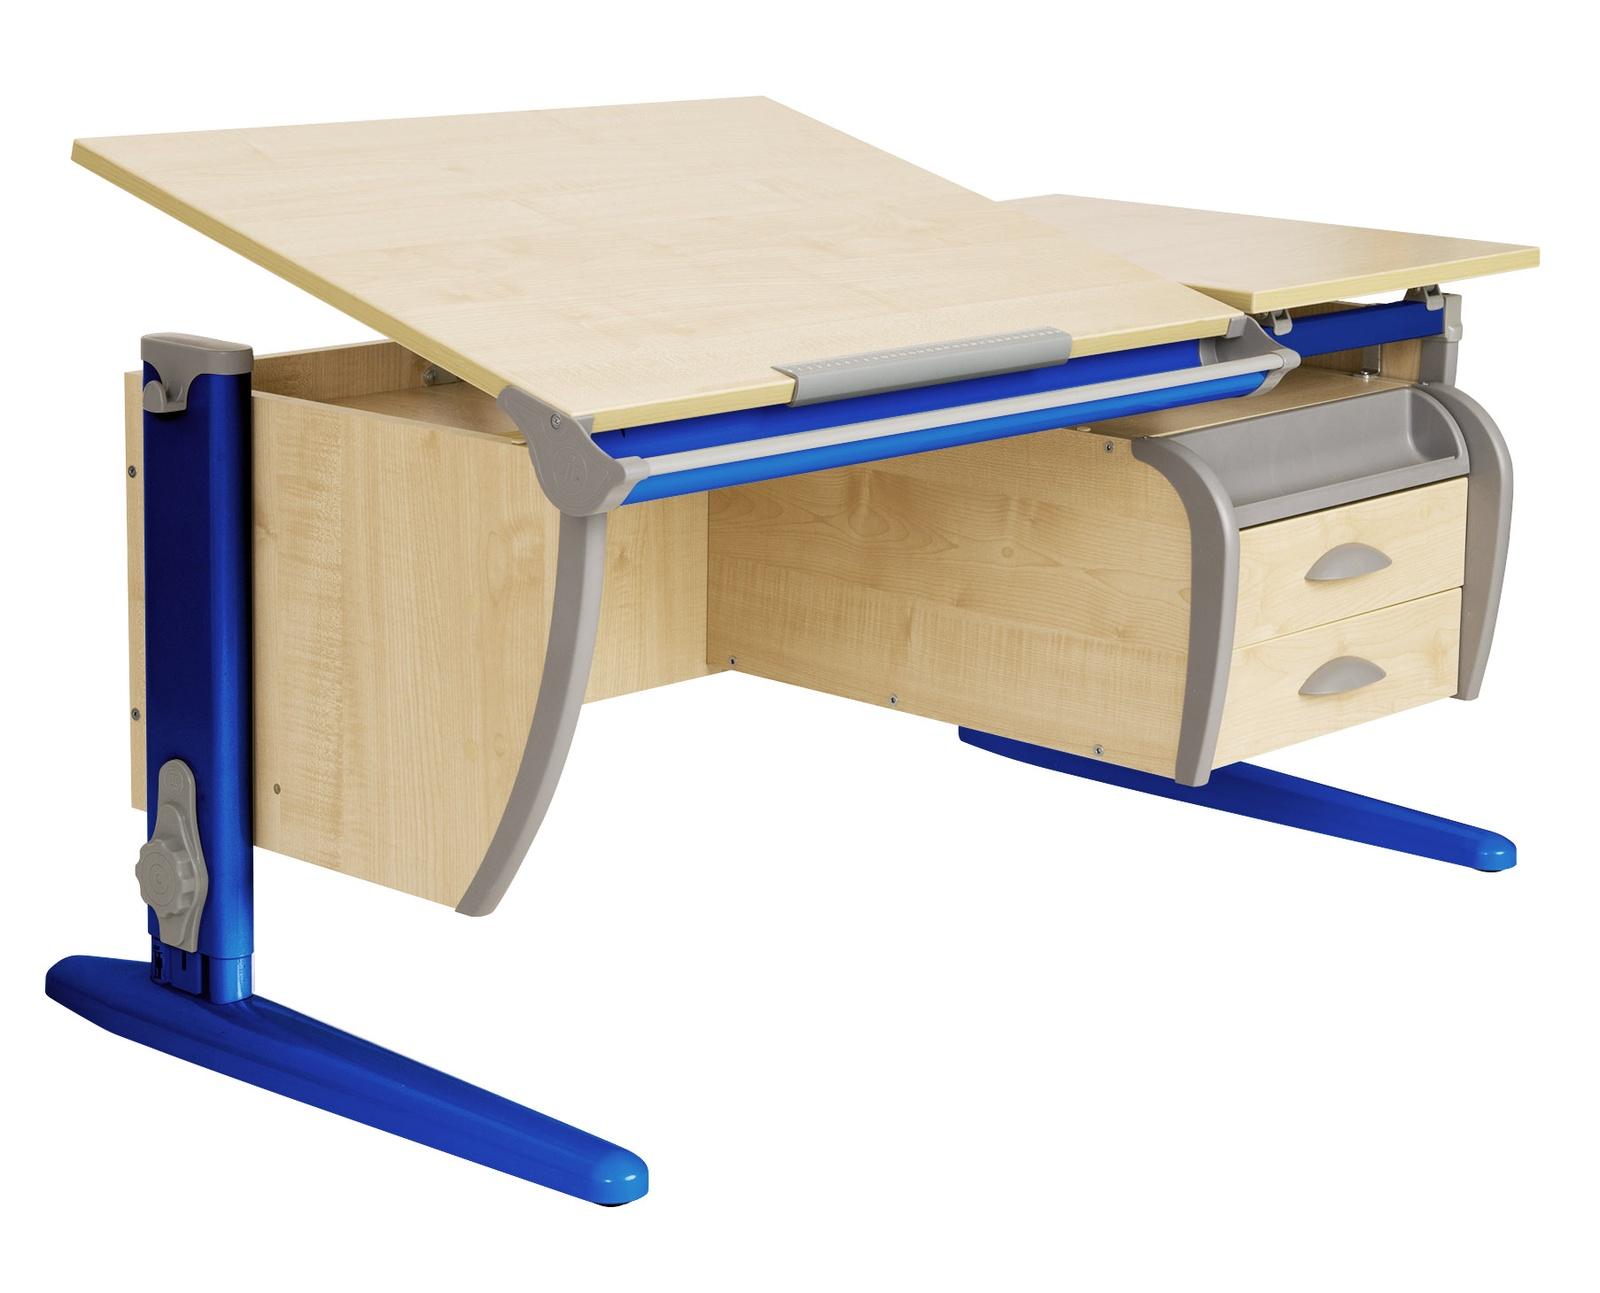 Парта ДЭМИ 120Х55 см + подвесная тумба (СУТ 17-03) (цвет столешницы: клен, цвет ножек стола: синий)